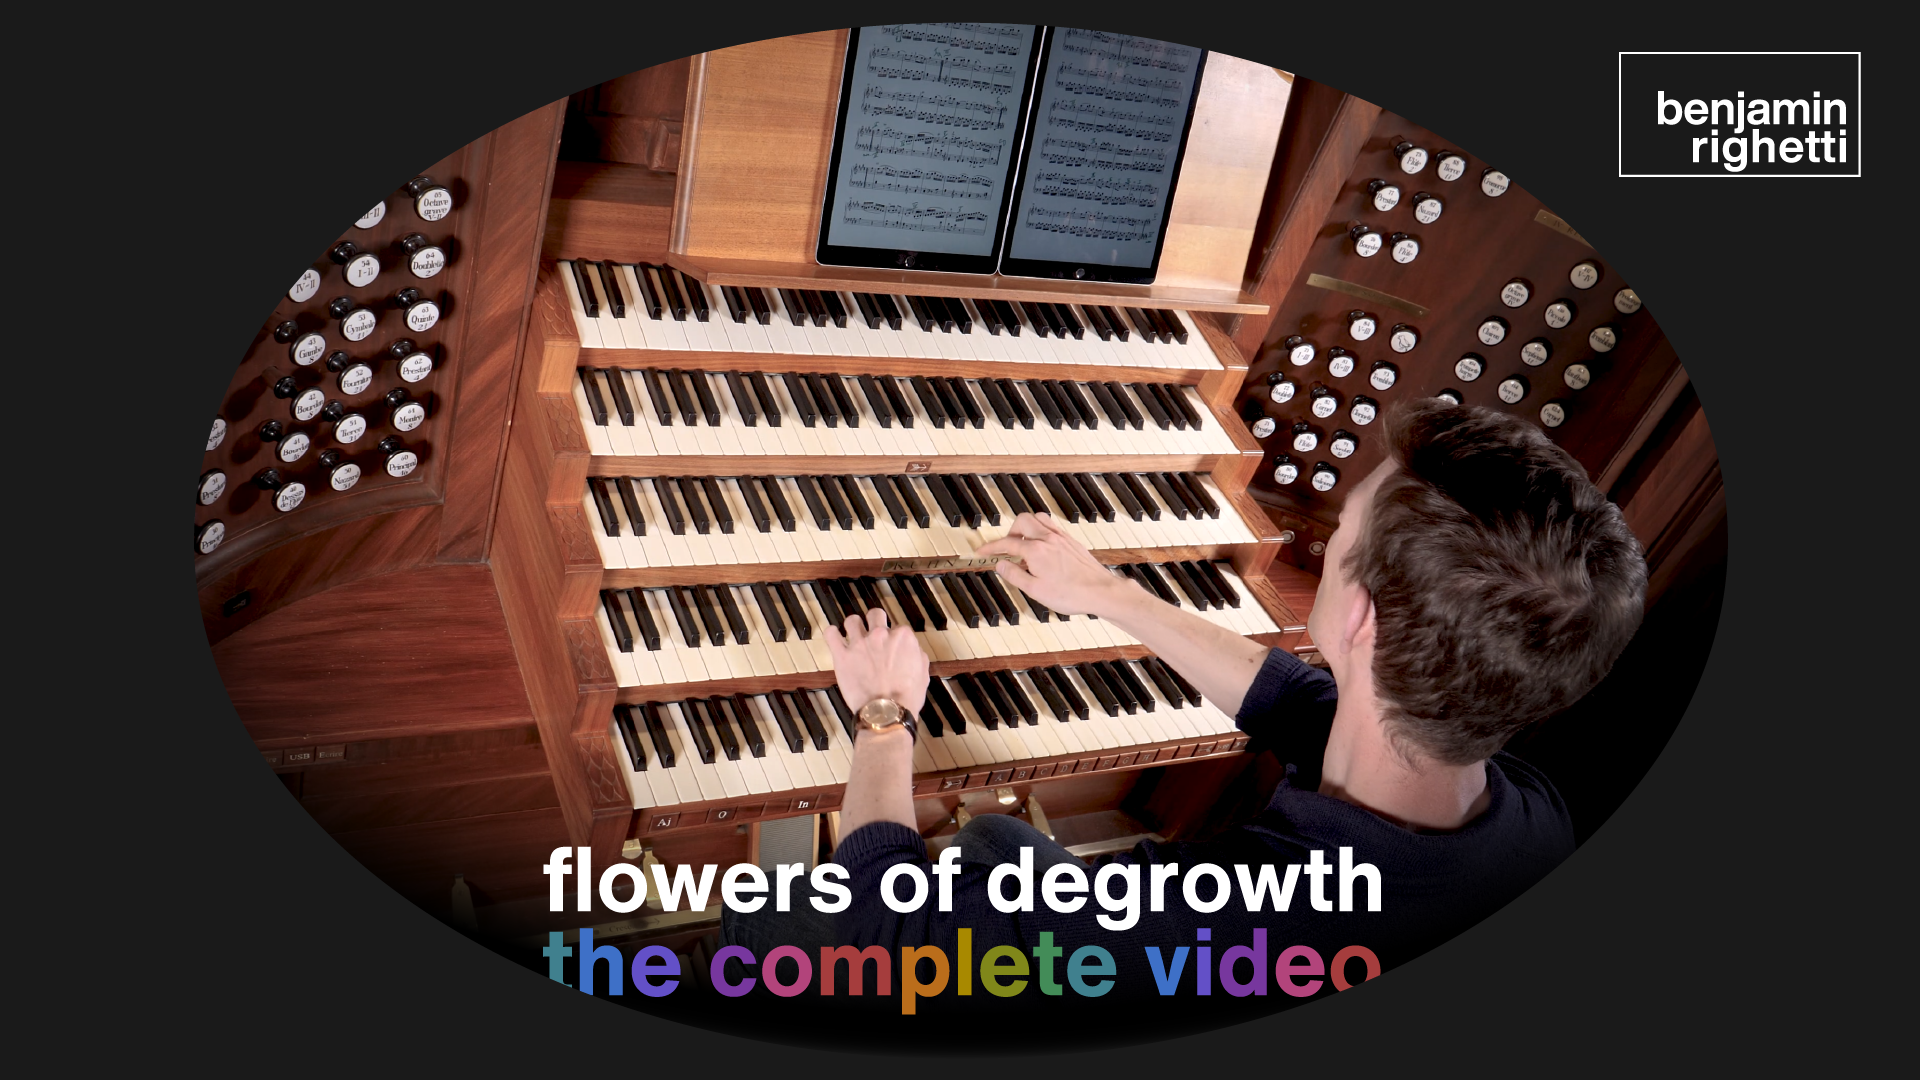 Flowers of degrowth La vidéo intégrale